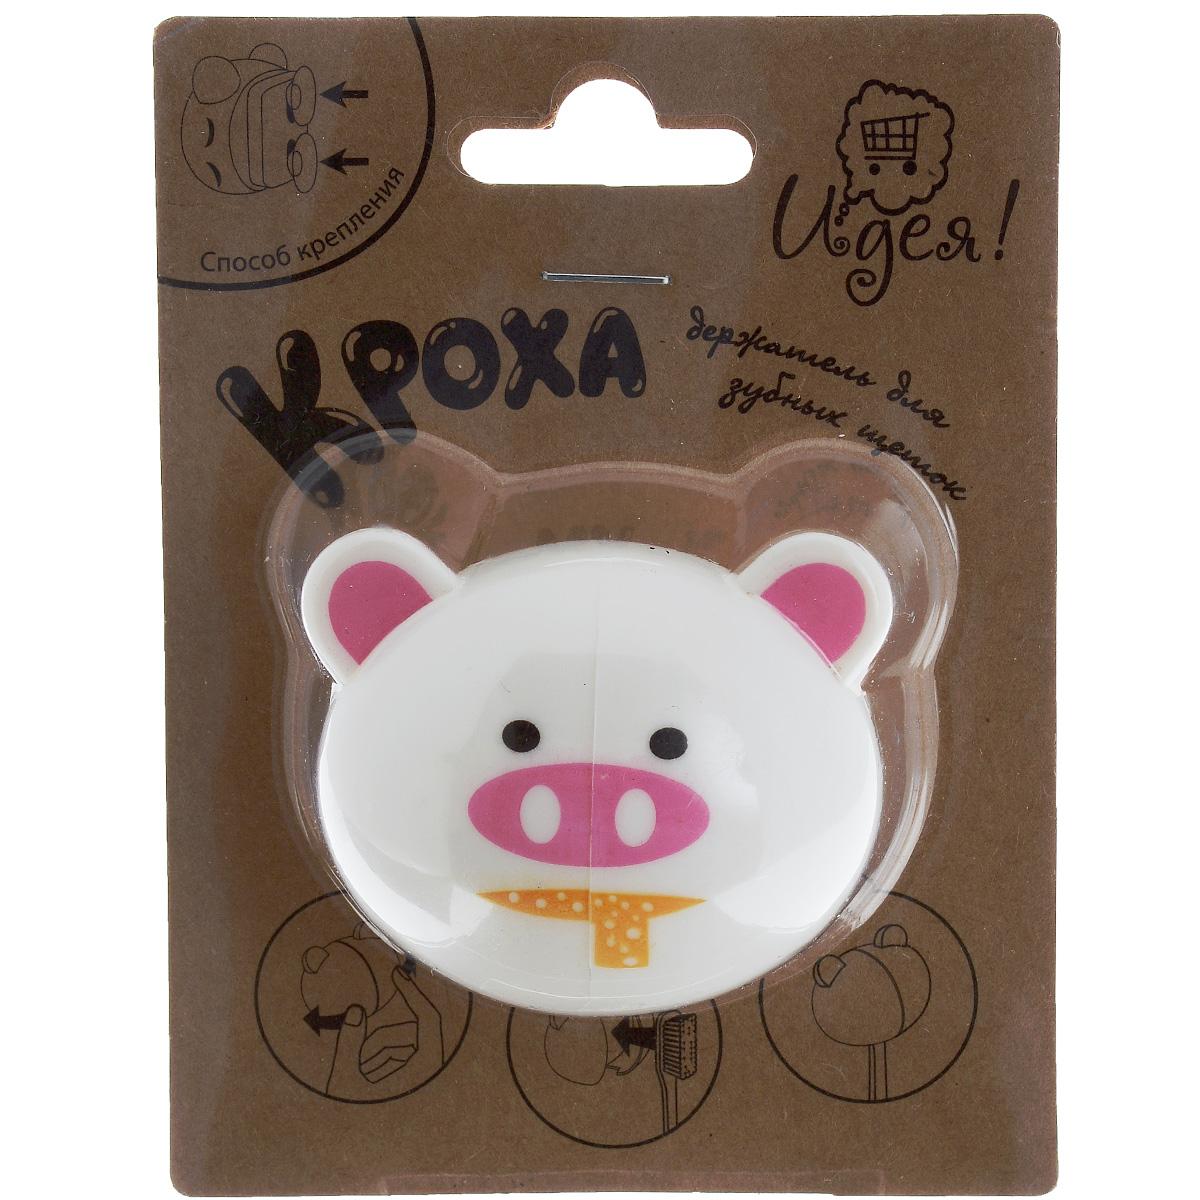 Держатель для зубных щеток Идея Кроха. Мишка, цвет: белый, розовый, оранжевыйKRH-01_мишкаДержатель для зубных щеток Идея Кроха. Мишка изготовлен из пищевого PVC и ABS пластика и предназначен для удобного хранения зубной щетки. Крепится на чистую, гладкую поверхность при помощи двух присосок (входят в комплект). С помощью держателя Идея Кроха. Мишка зубная щетка останется сухой и чистой. Мыть только вручную. Материал: PVC + ABS пластик.